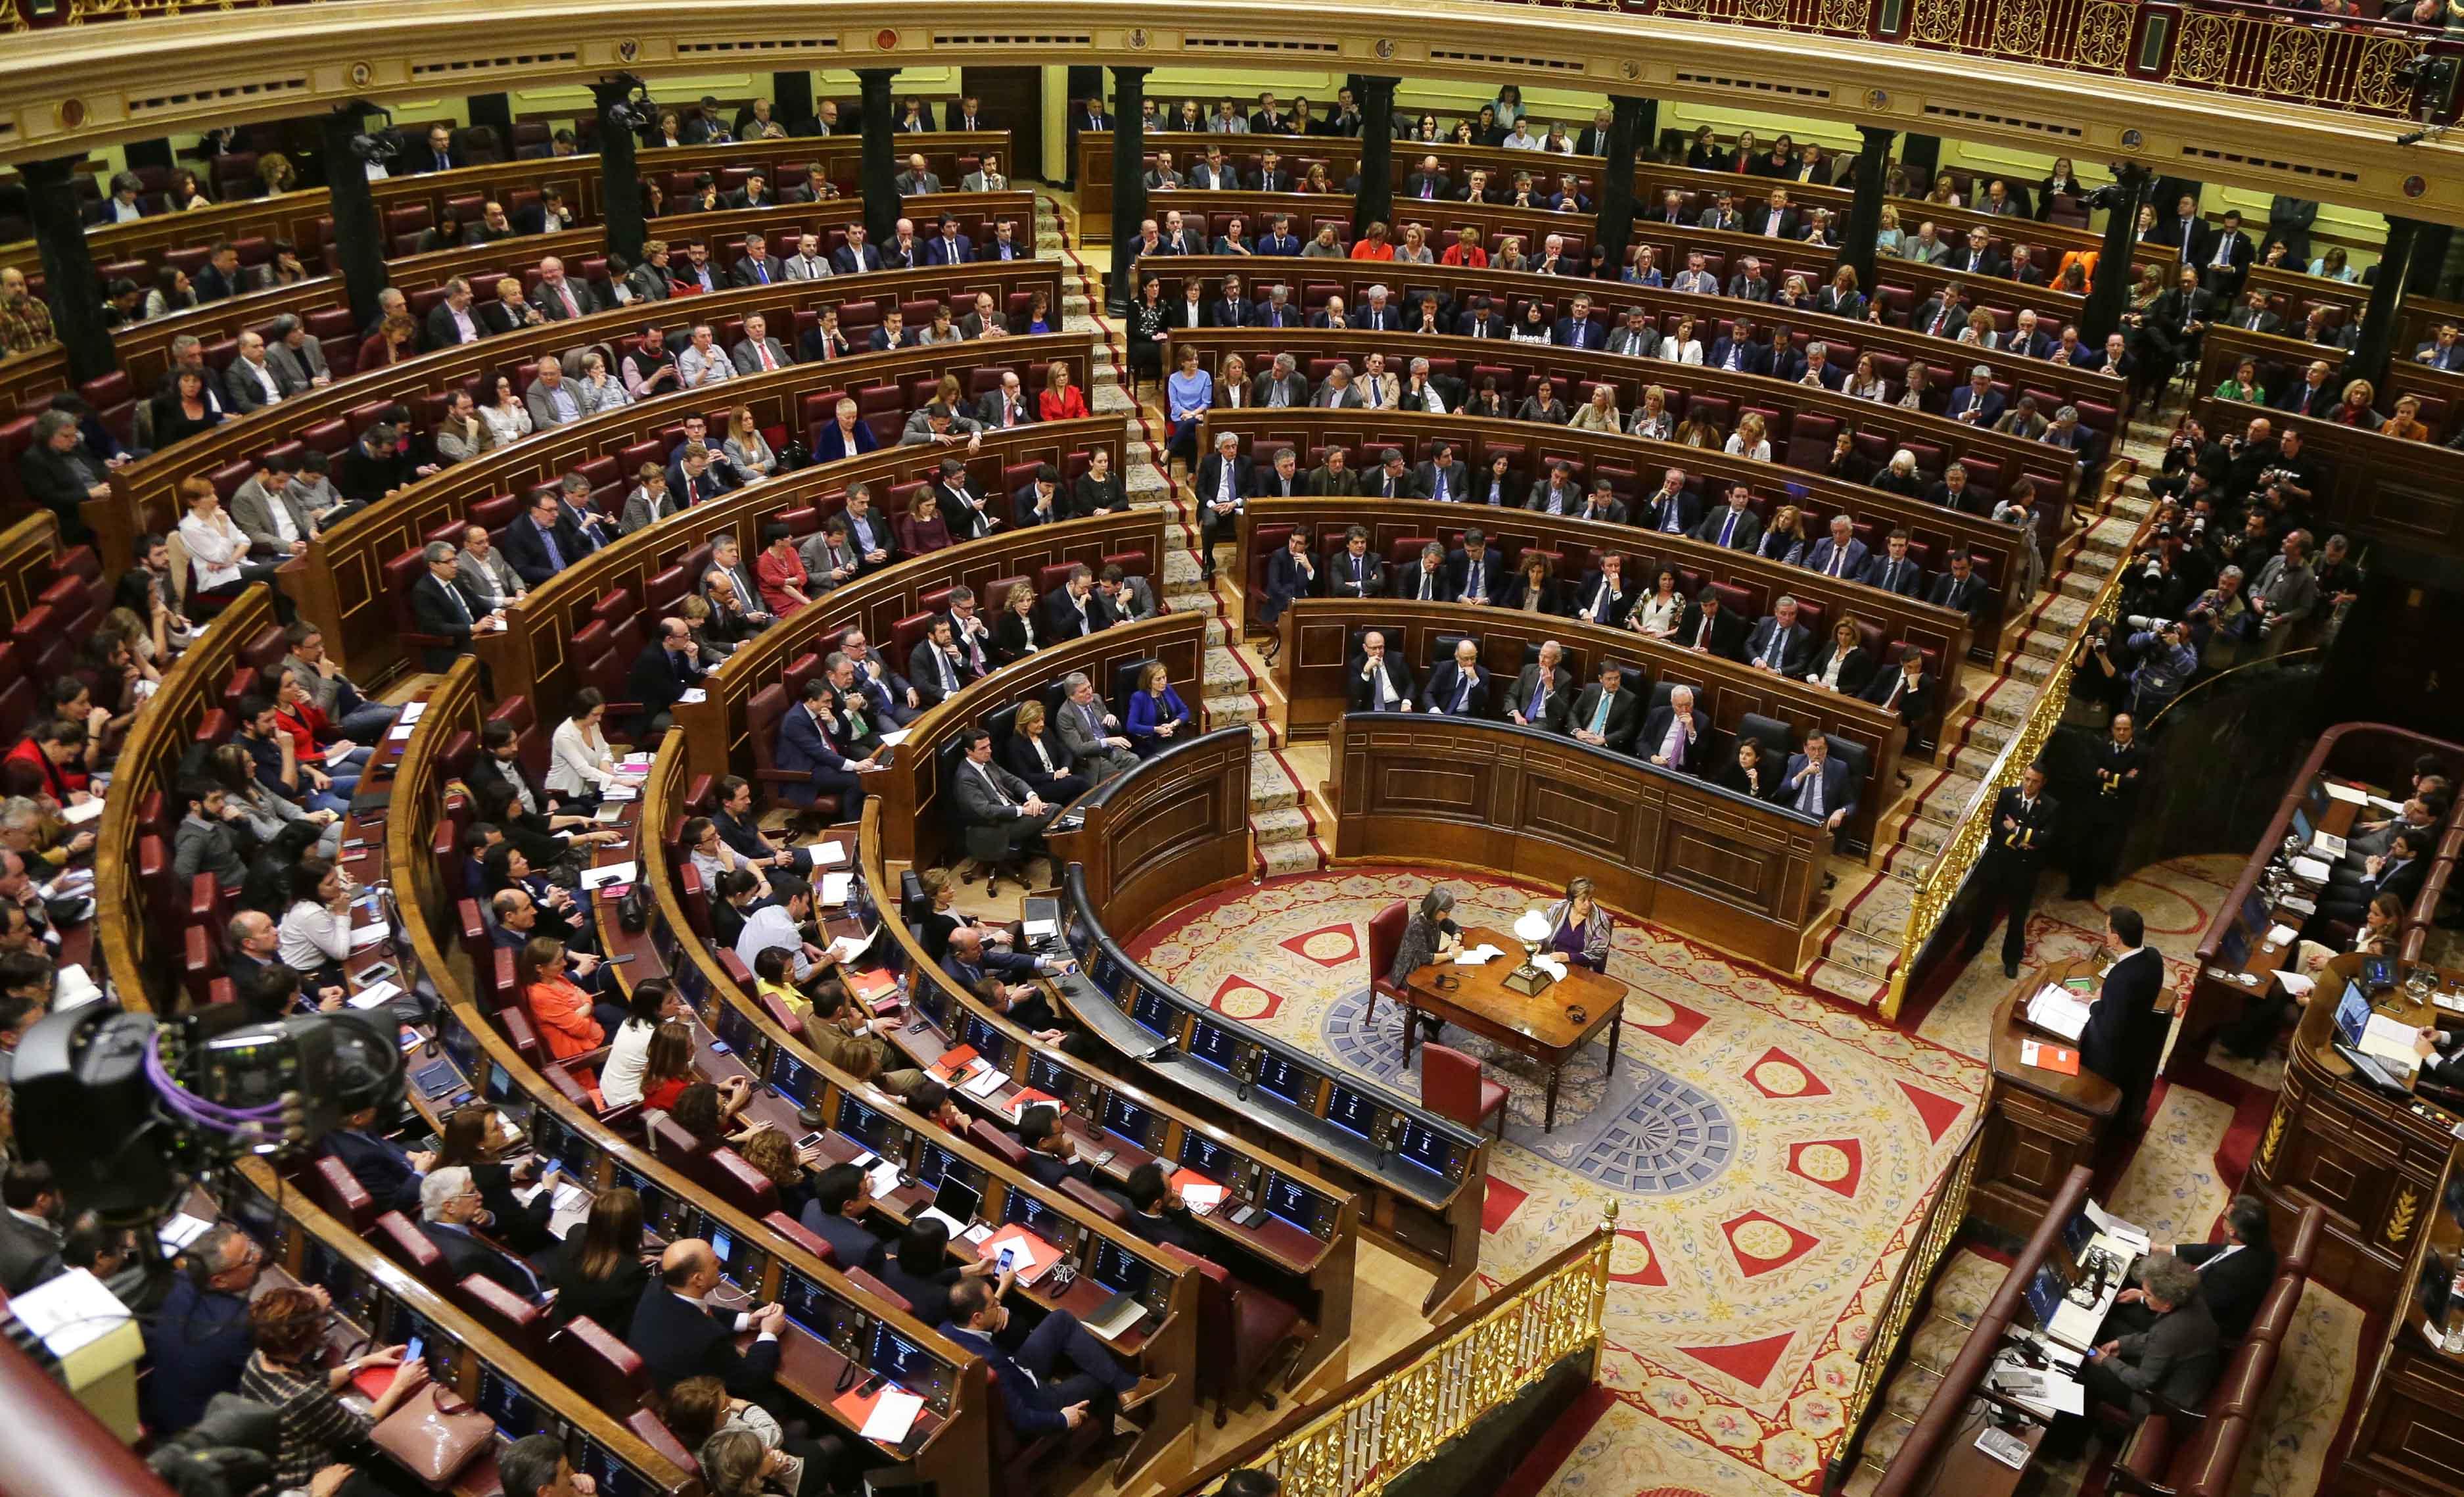 congreso-de-los-diputados-copia